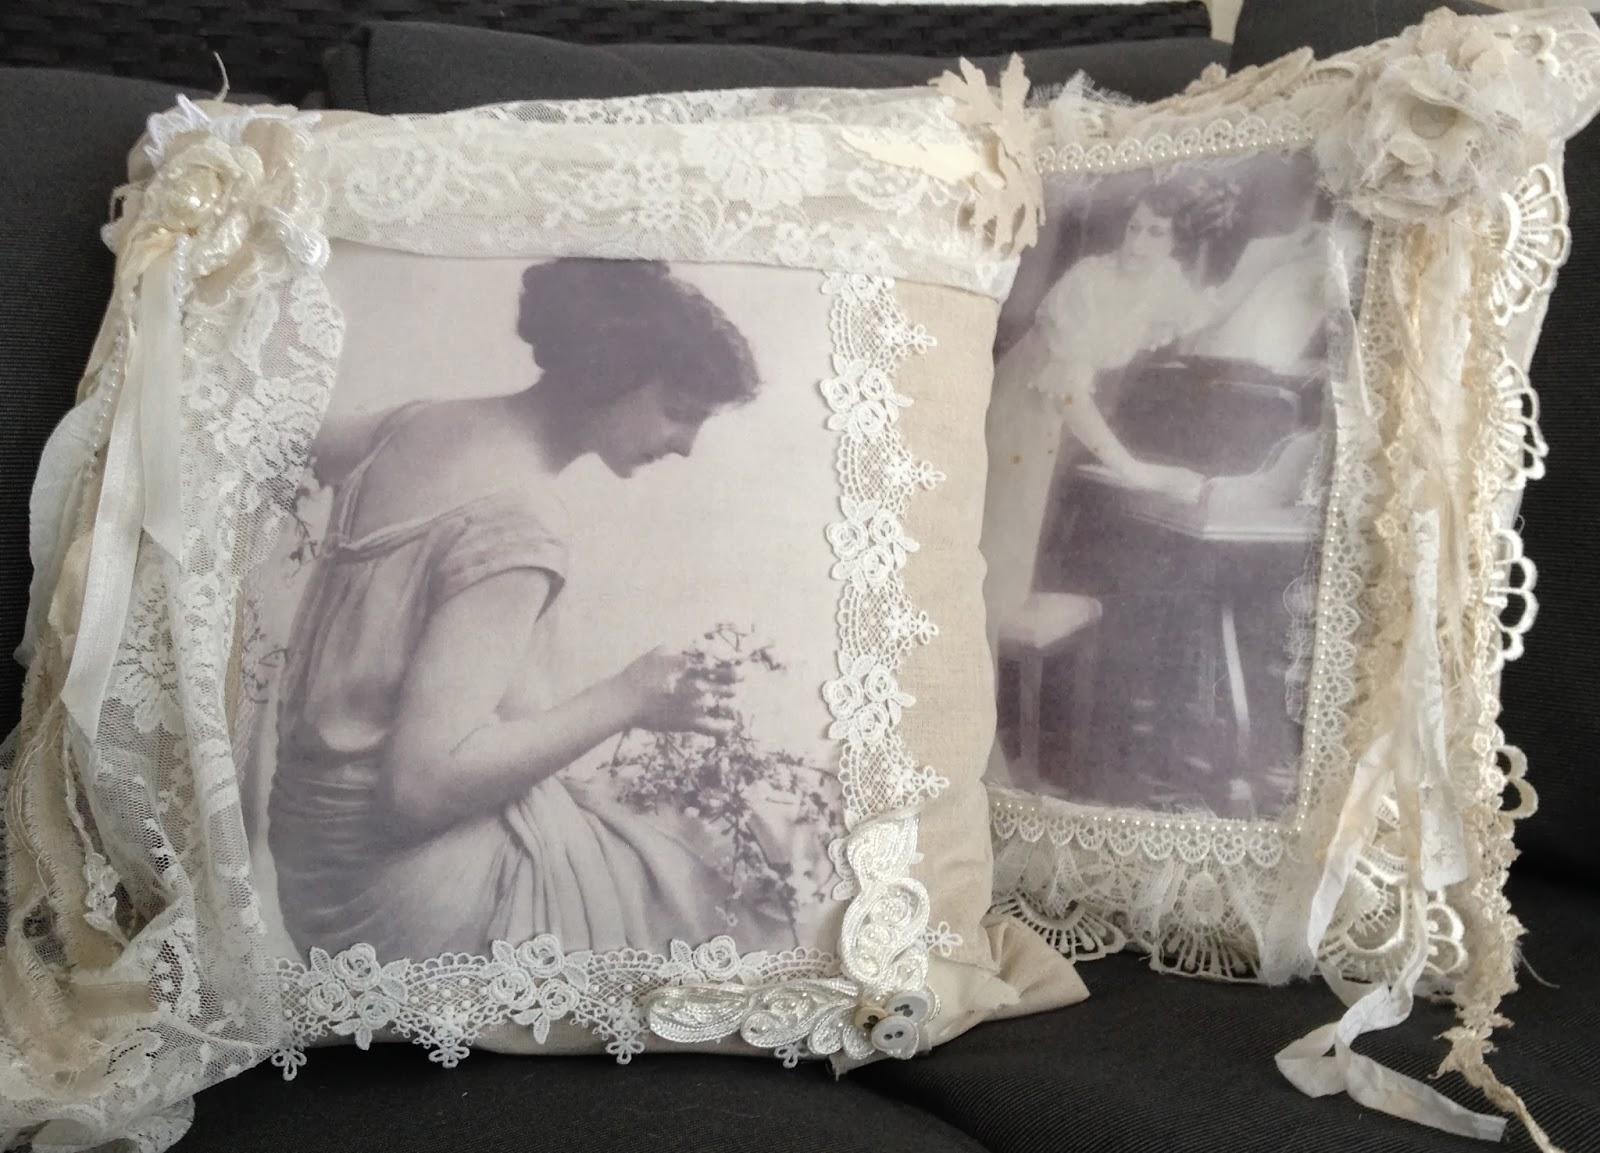 kissenh bel pillow in set rosen pin shabby llen handarbeit neu pillows chic m